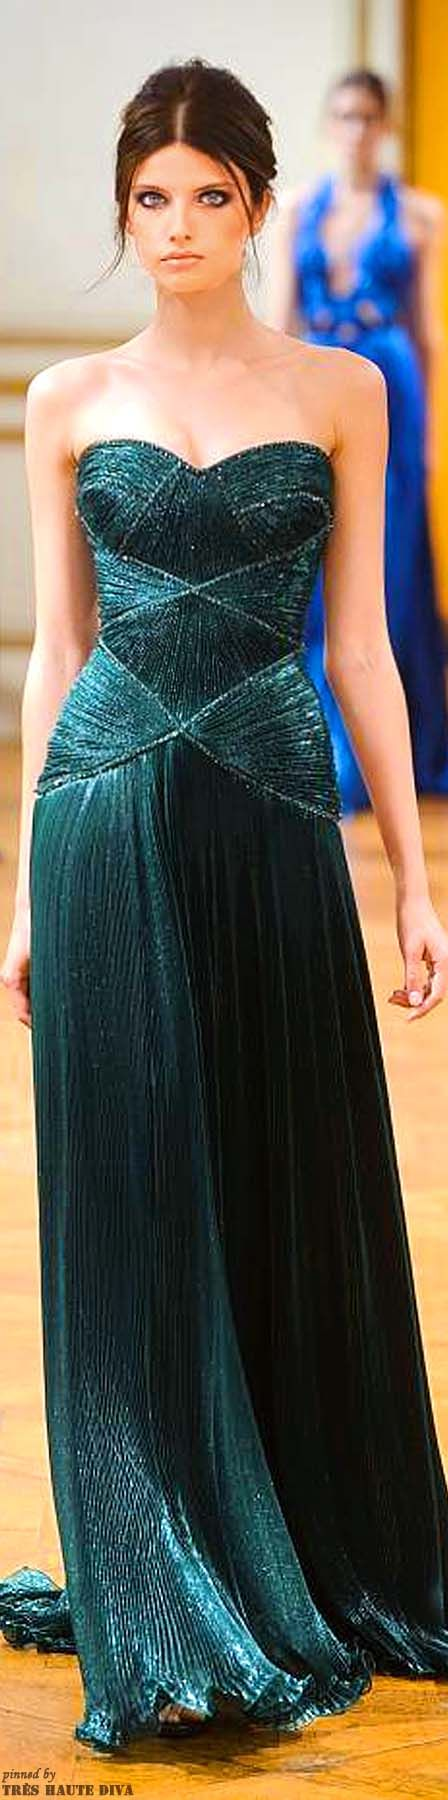 Combina tu pieza de Transparent Sculptural Jewelry/Barcelona-Crystals Collection: Gargantilla tipo de cadena de plata 100% con colgante de drusa verde esmeralda con un vestido como el de Zuhair Murad Haute Couture Autumn/Winter 2013.